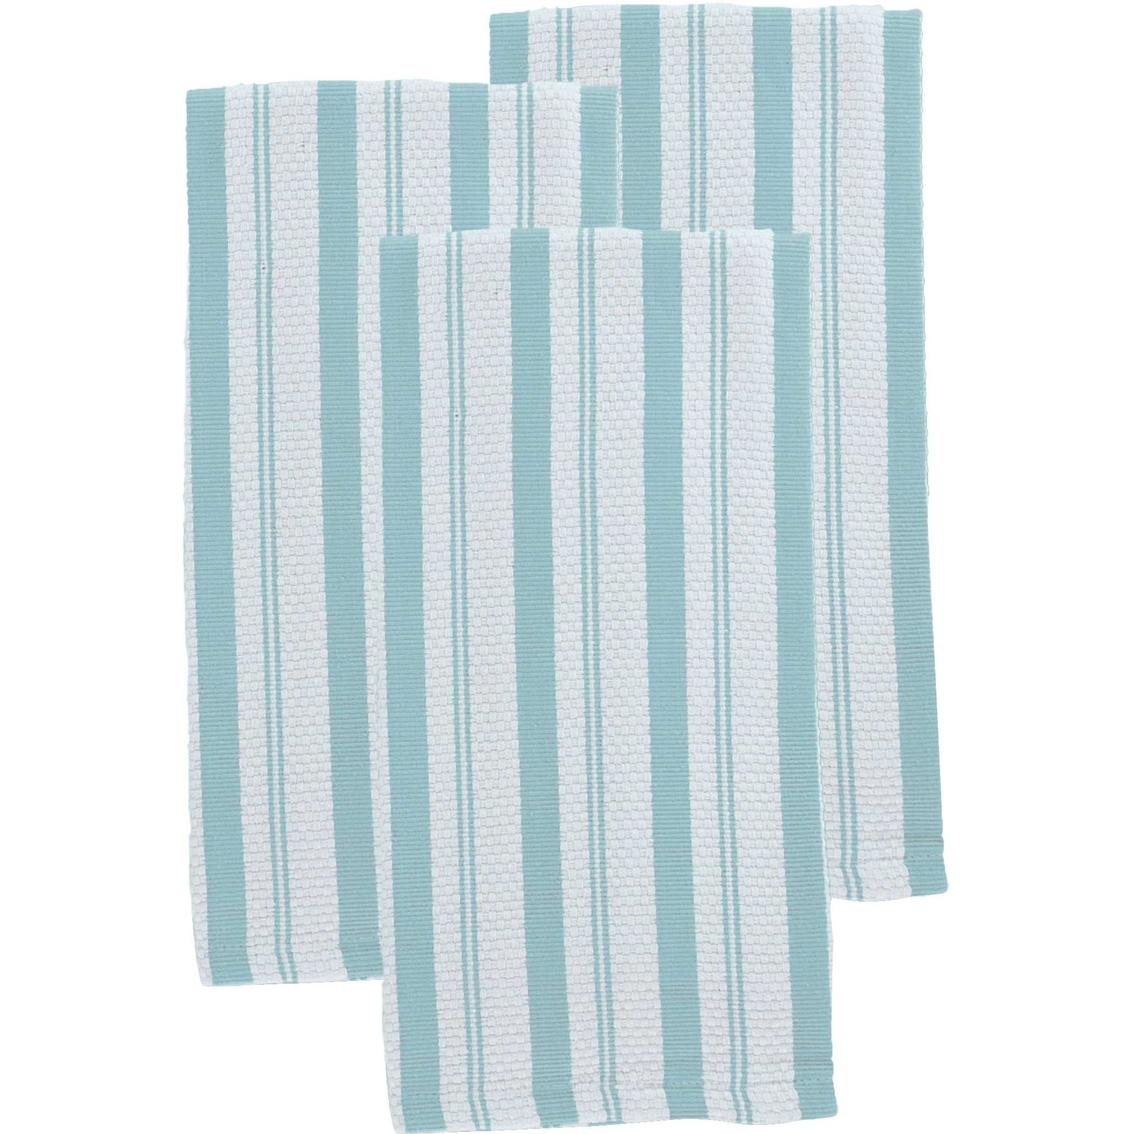 martha stewart kitchen towels cabinets organizer collection striped 3 pk